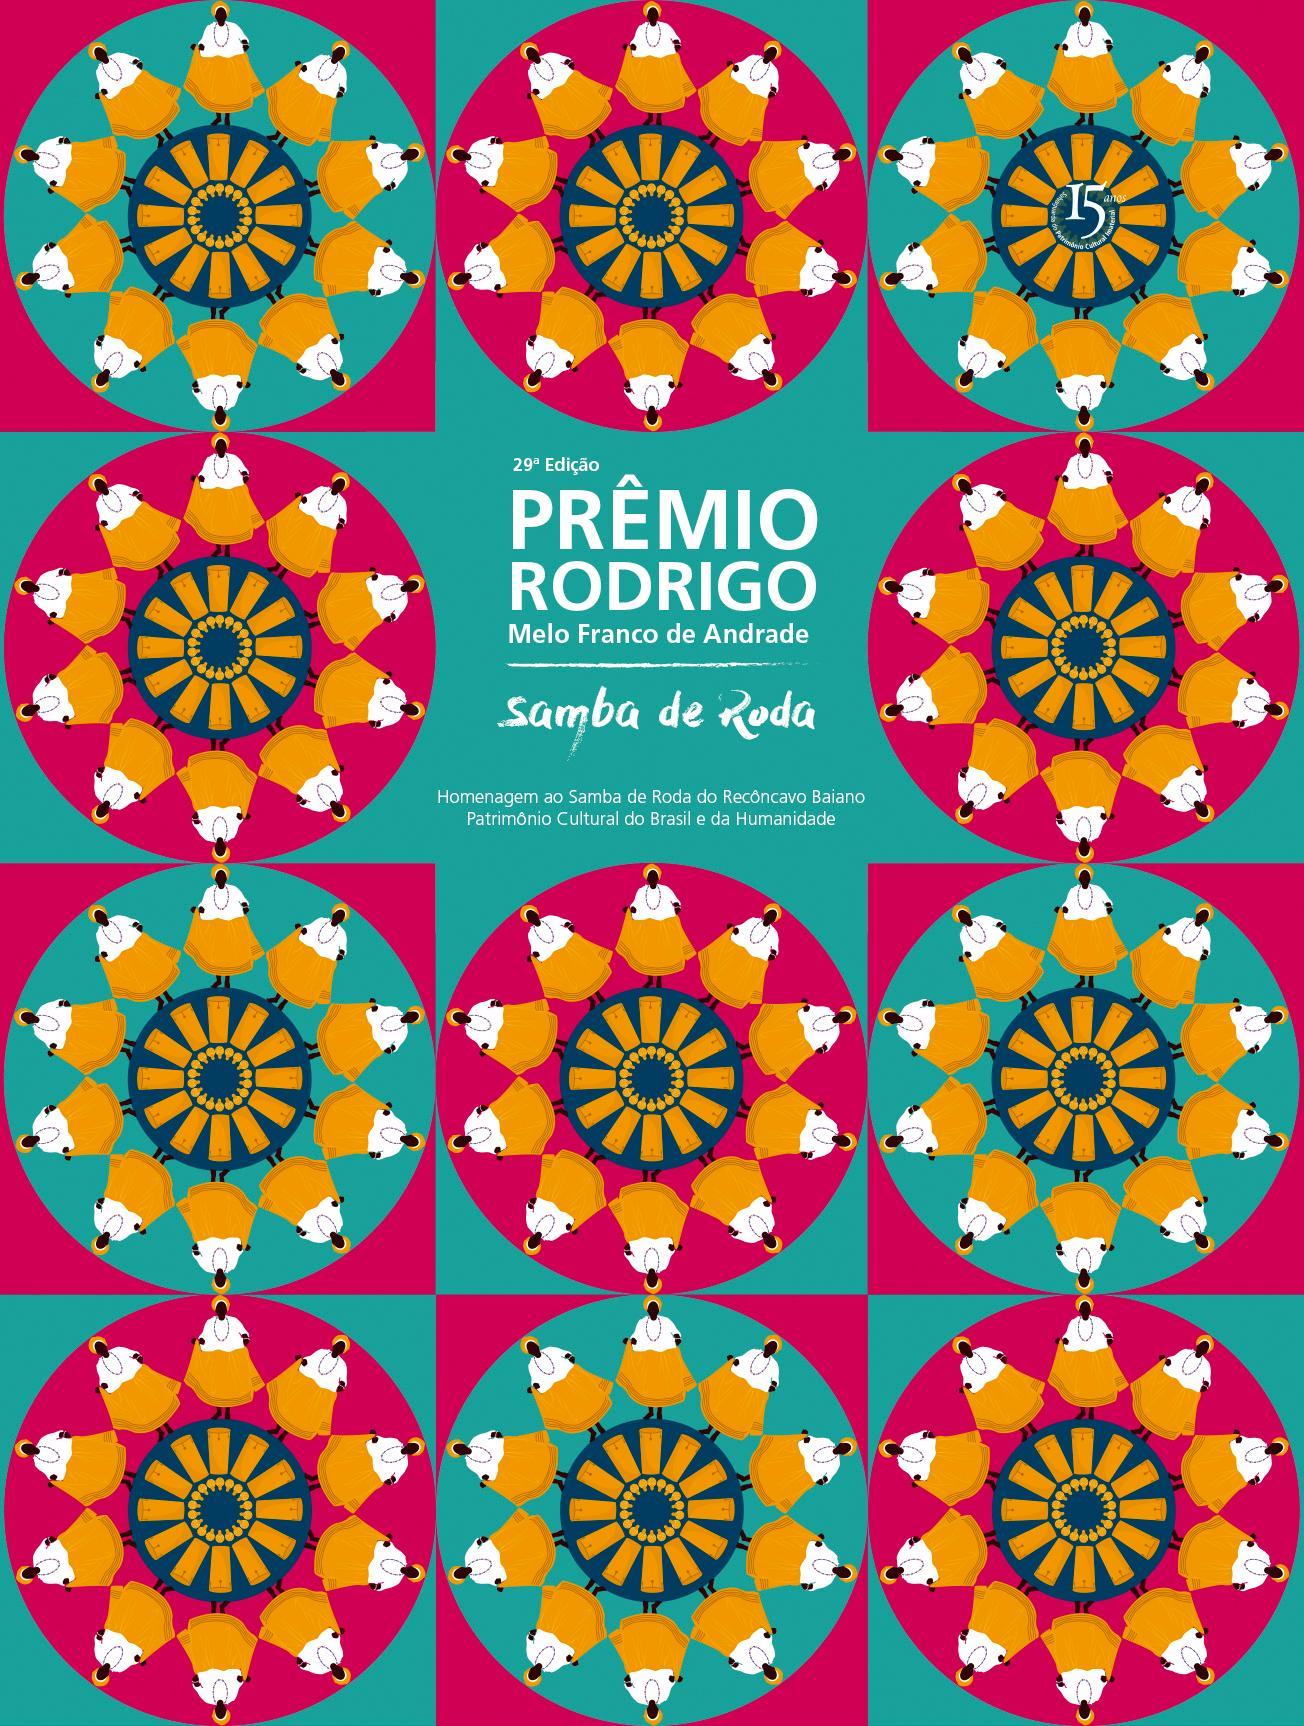 O Prêmio Rodrigo Melo Franco de Andrade 2016 homenageia o Samba de Roda do Recôncavo Baiano.